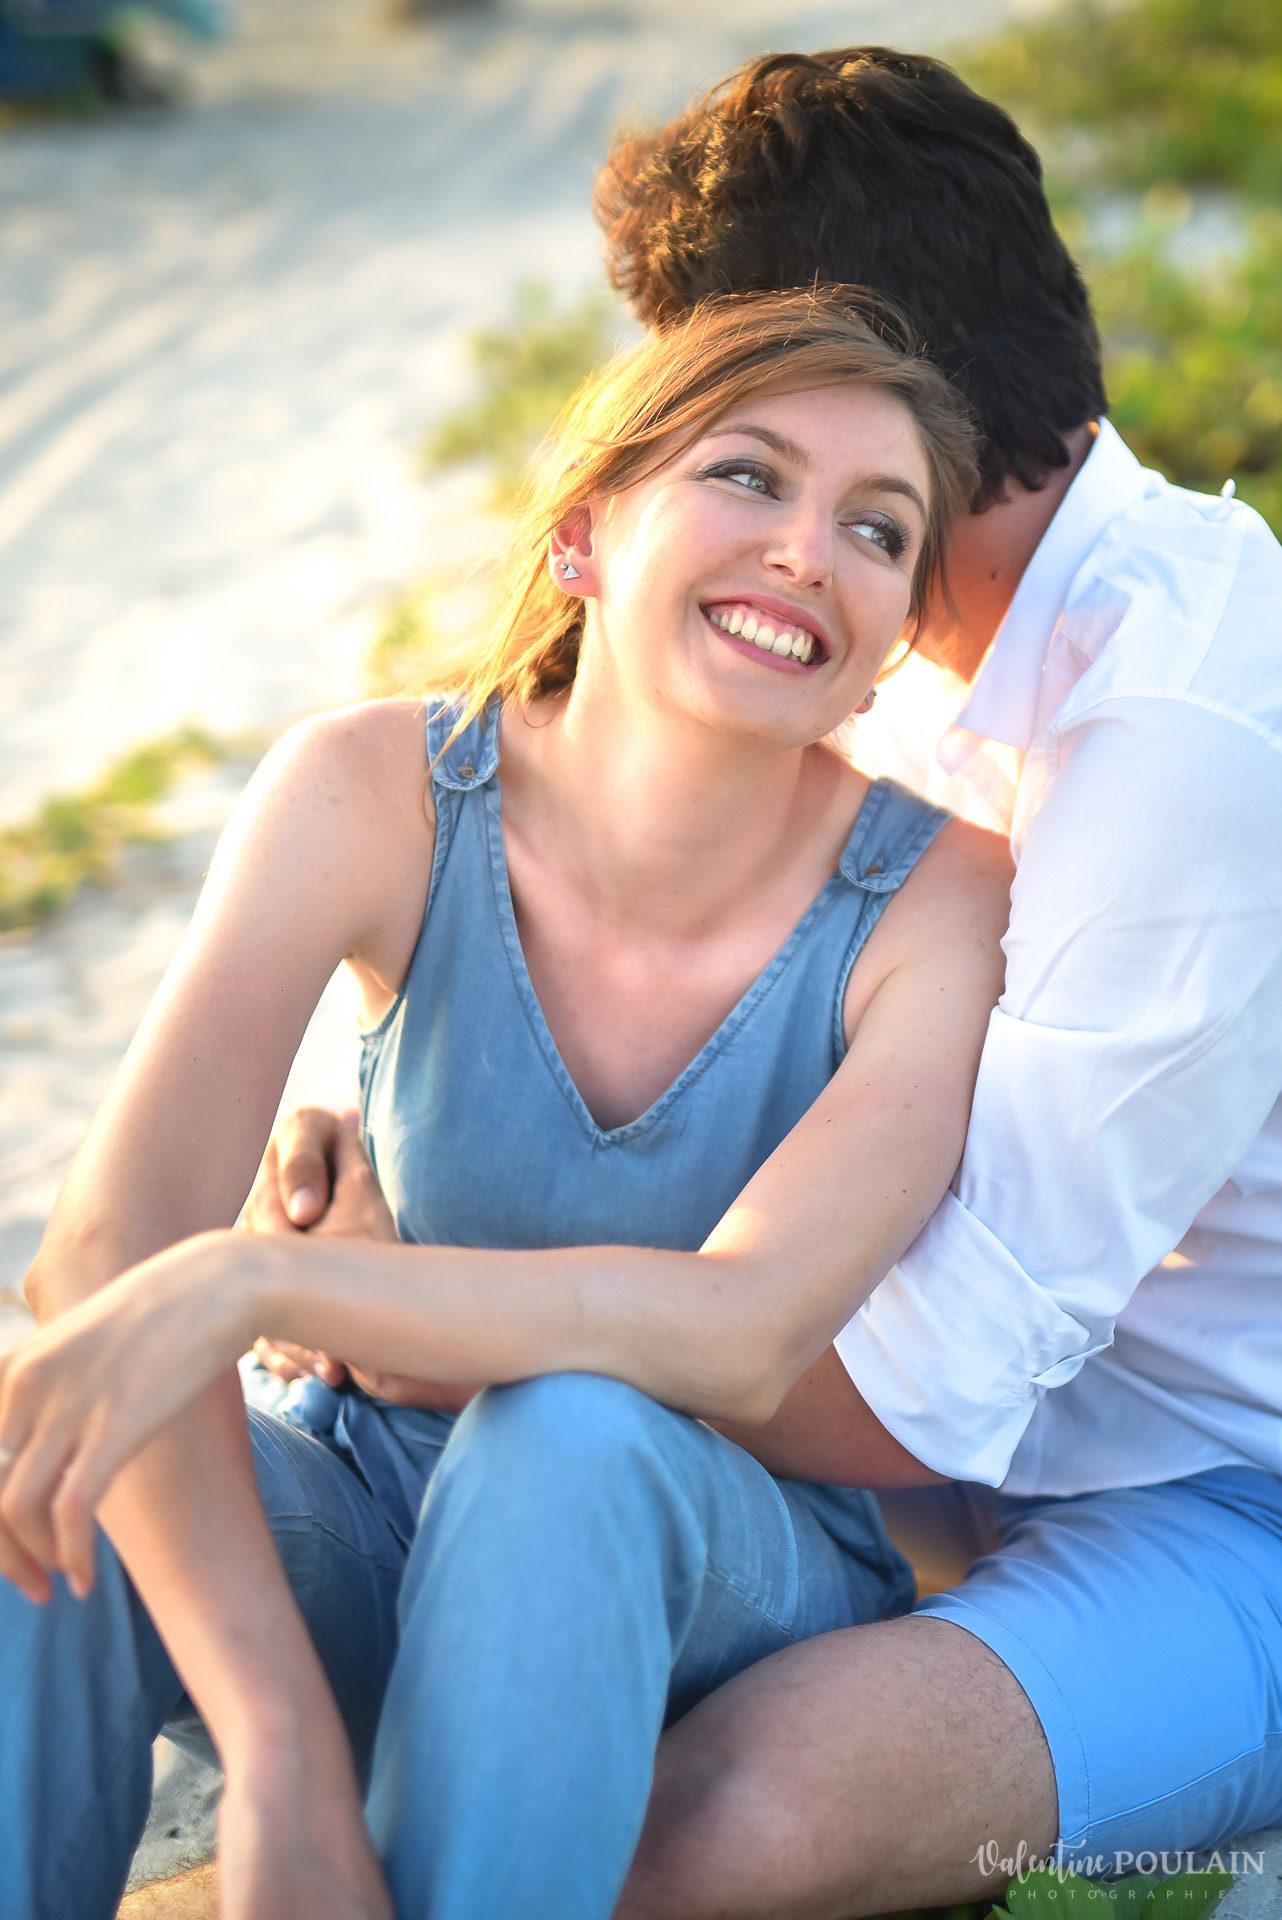 Couple Miami Wynwood - Valentine Poulain rire